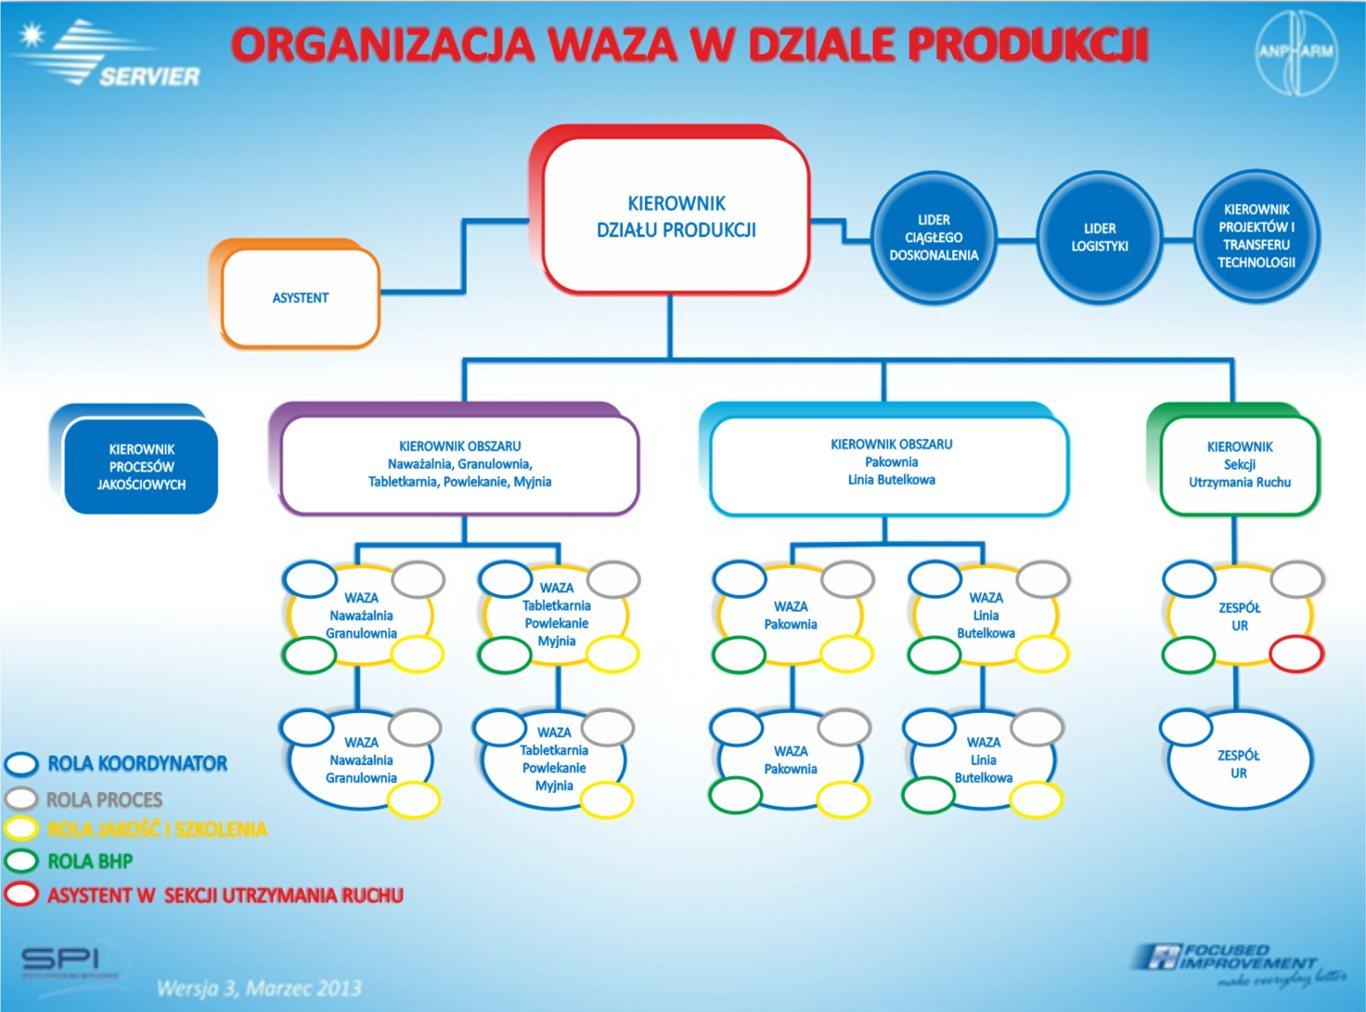 Organizacja zespołów WAZA